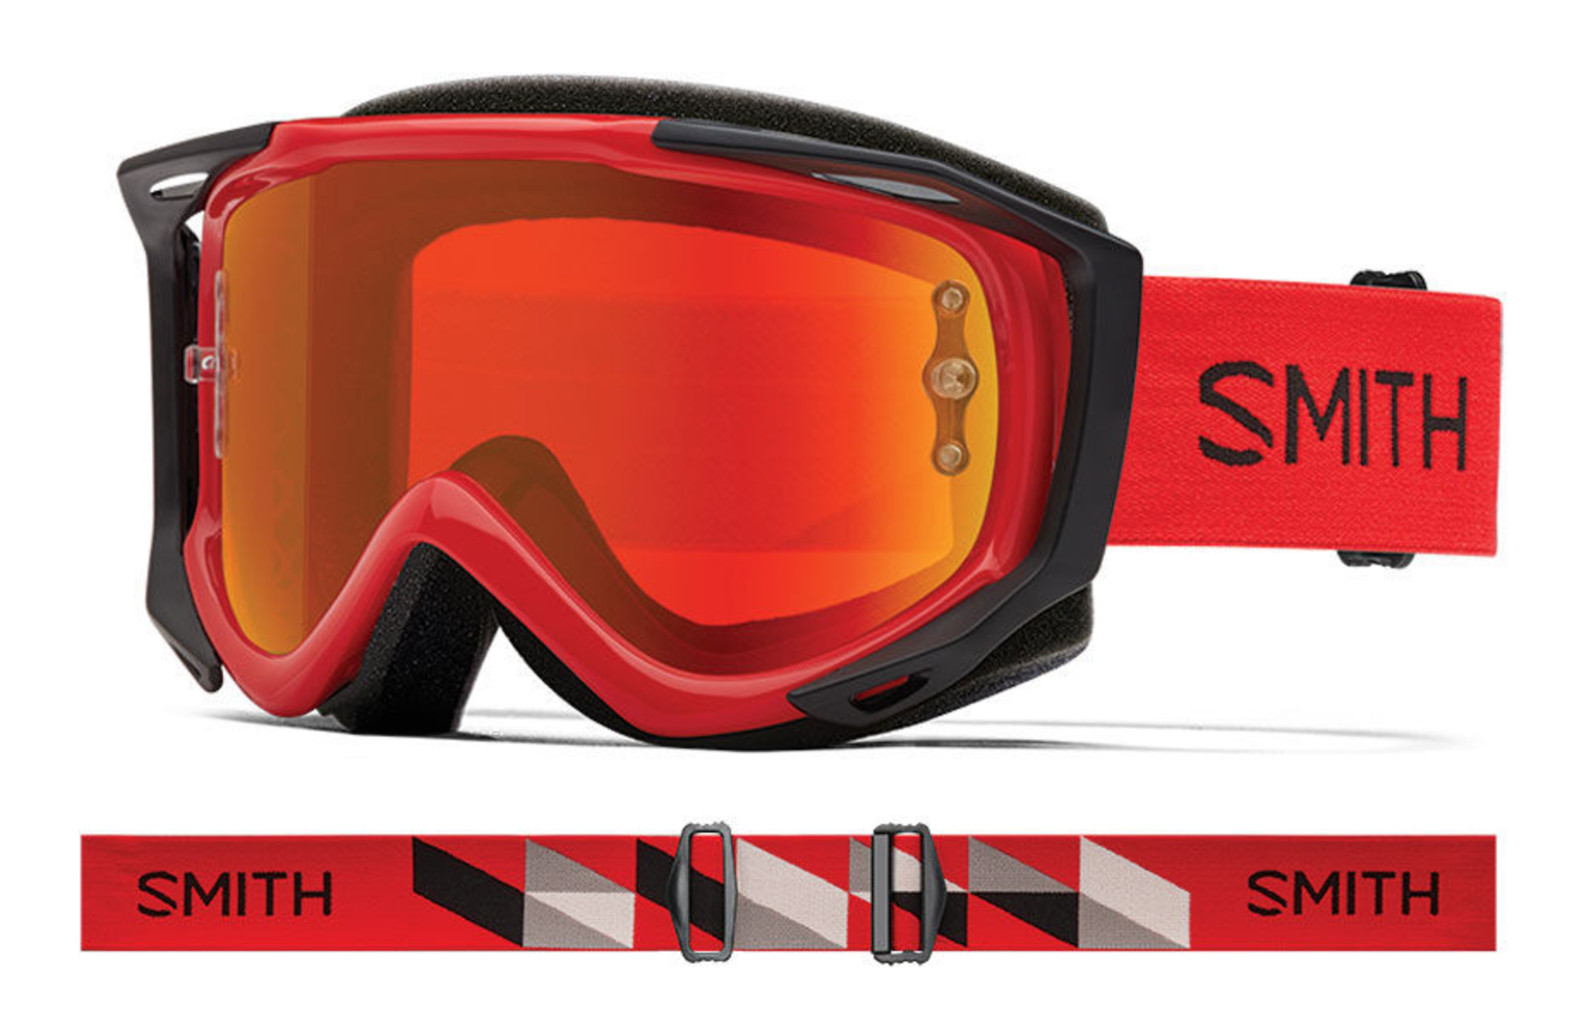 84102f9dd48dc Smith Fuel V.2 ChromaPop Goggles - Reviews